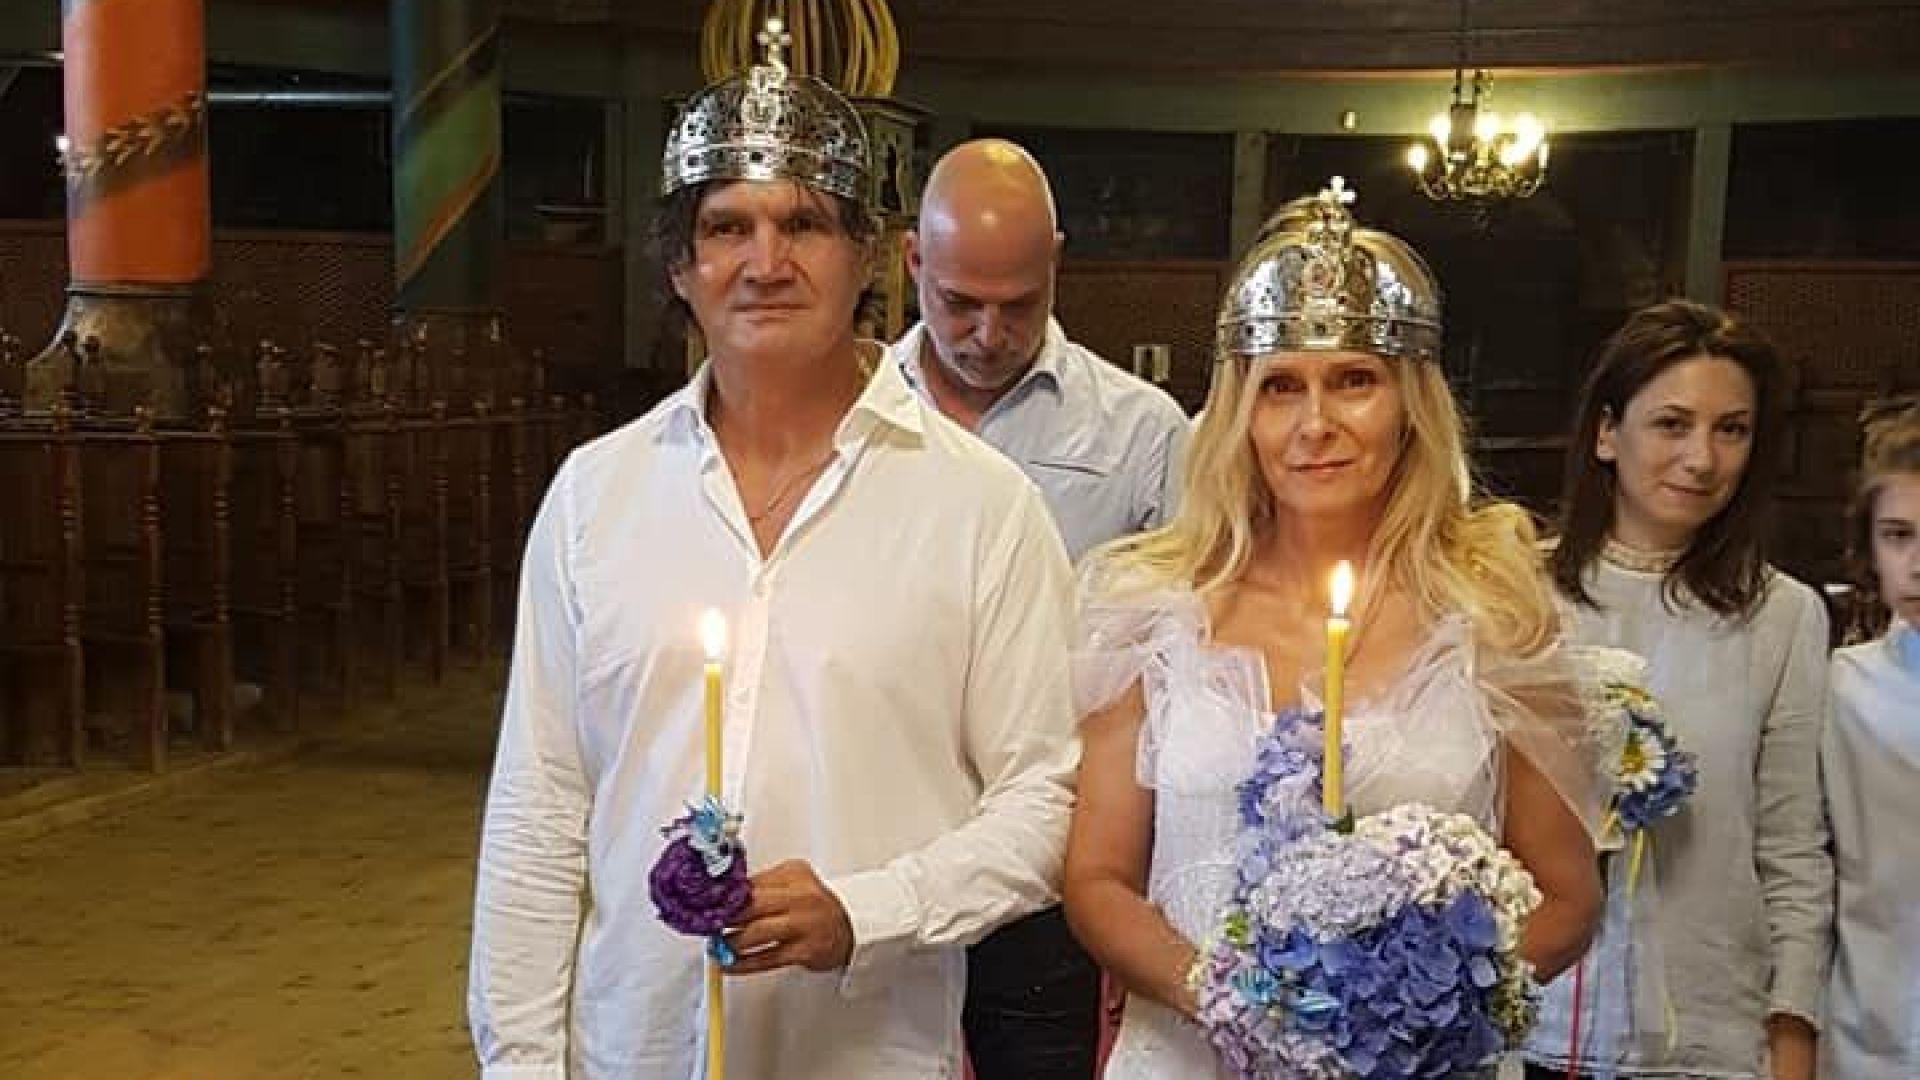 Влади Априлов се венча след 27 години брак (галерия)